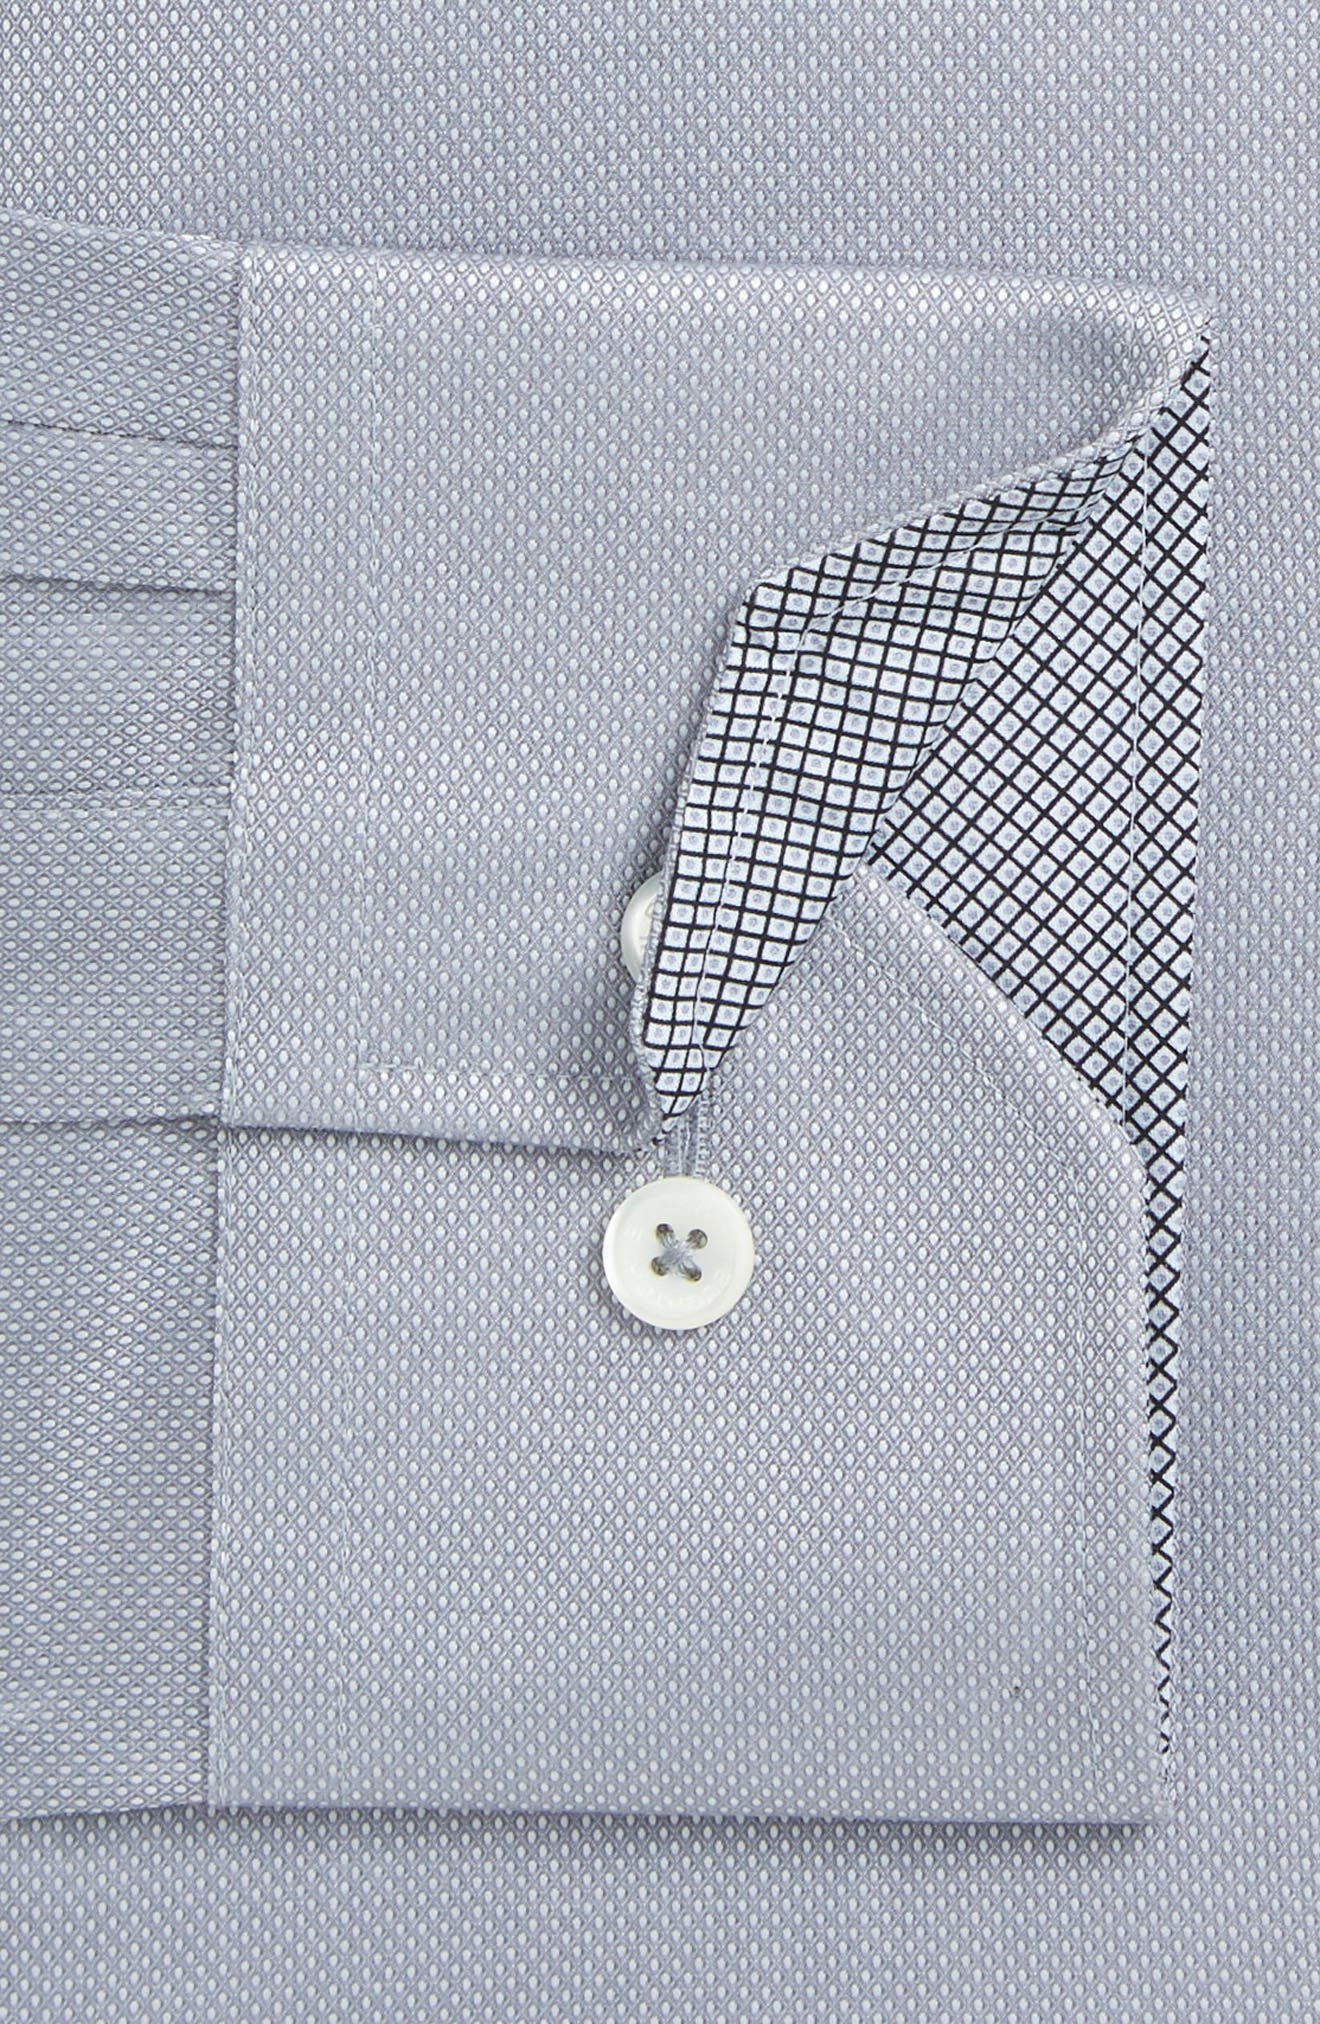 Trim Fit Solid Dress Shirt,                         Main,                         color, 020